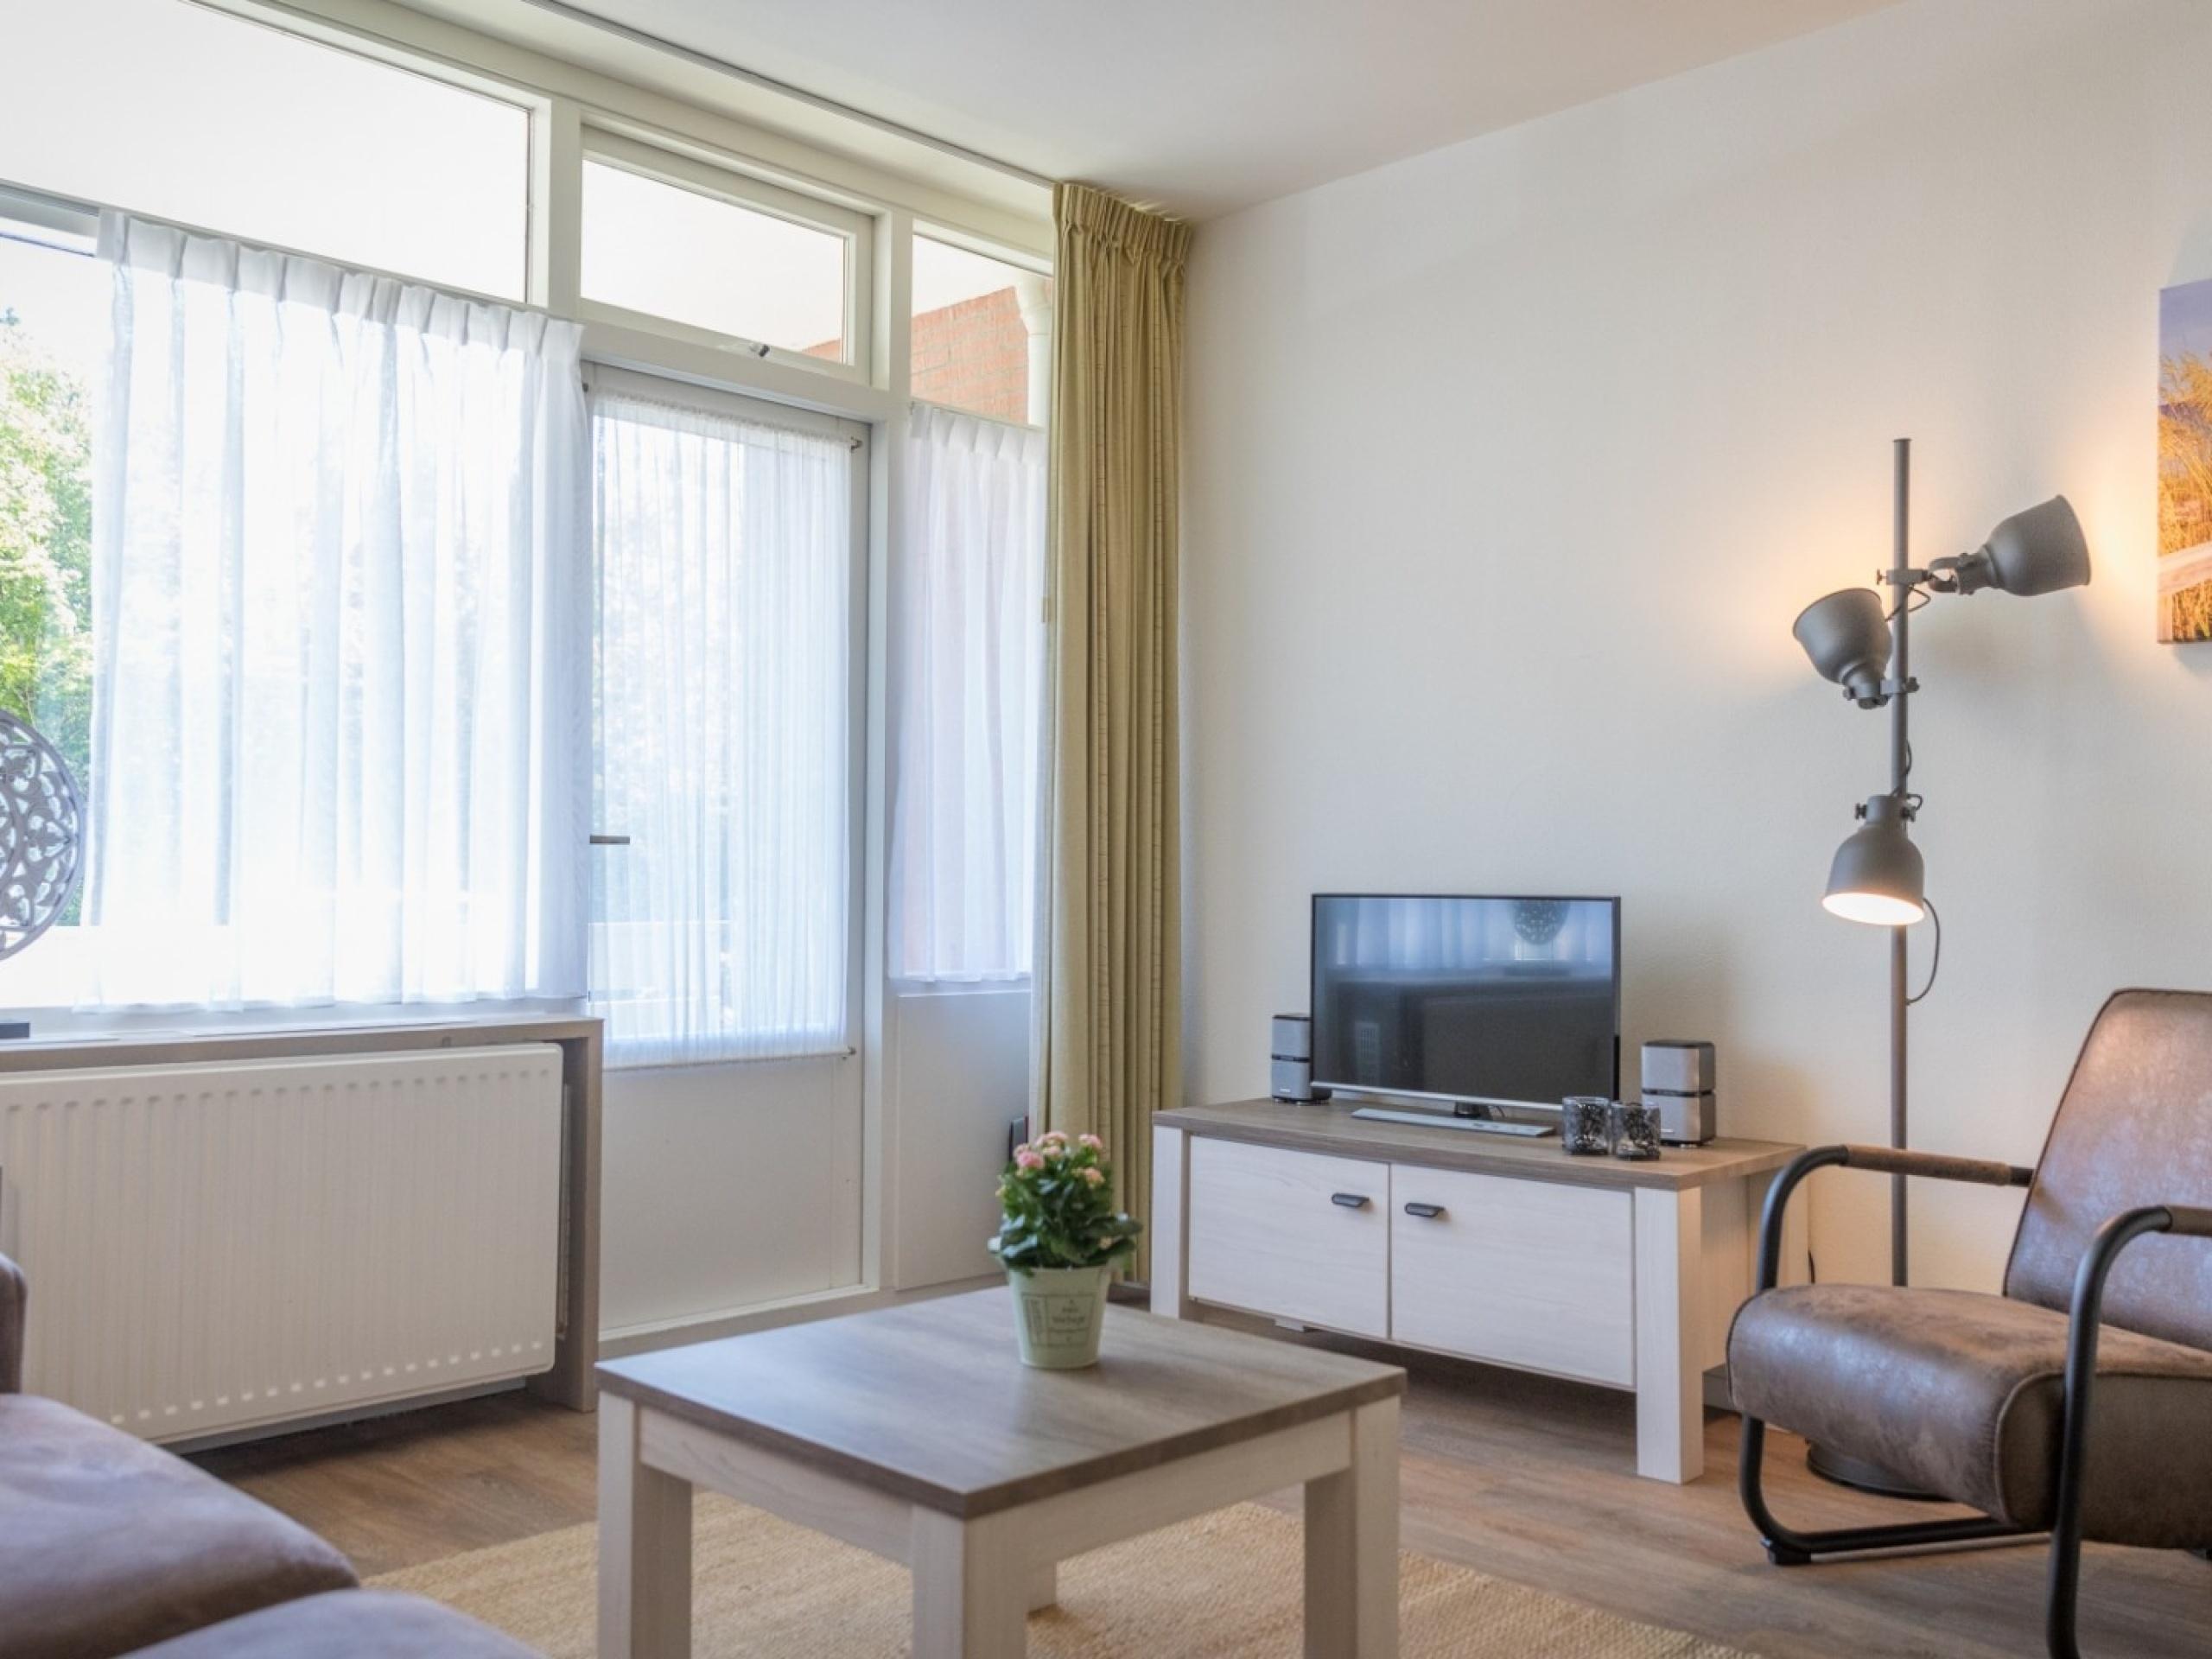 Geräumige Wohnung mit Terrasse und ruhige Lage am Rande von De Koog